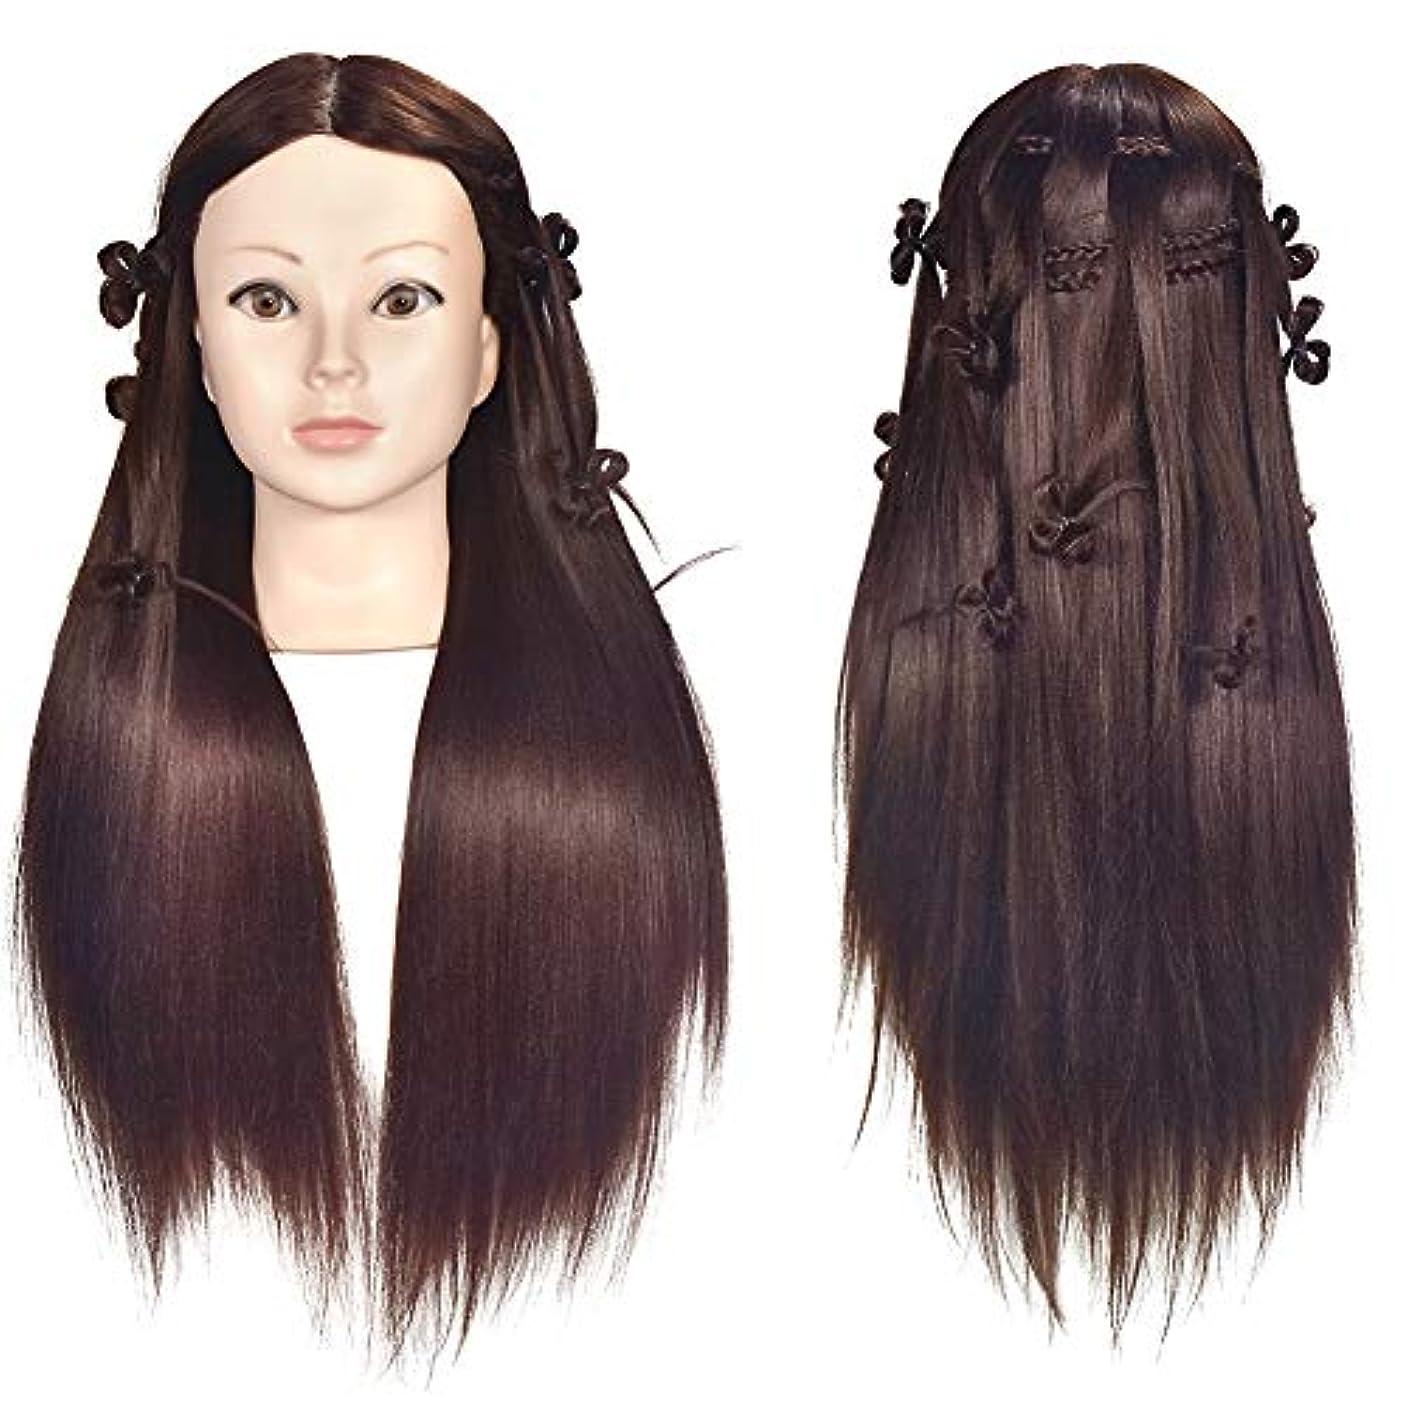 すぐに自己尊重ふりをする練習用 編み込み練習用 ウィッグマネキンヘッド ヘアアクセサリーセット 美容室サロン 100%合成髪